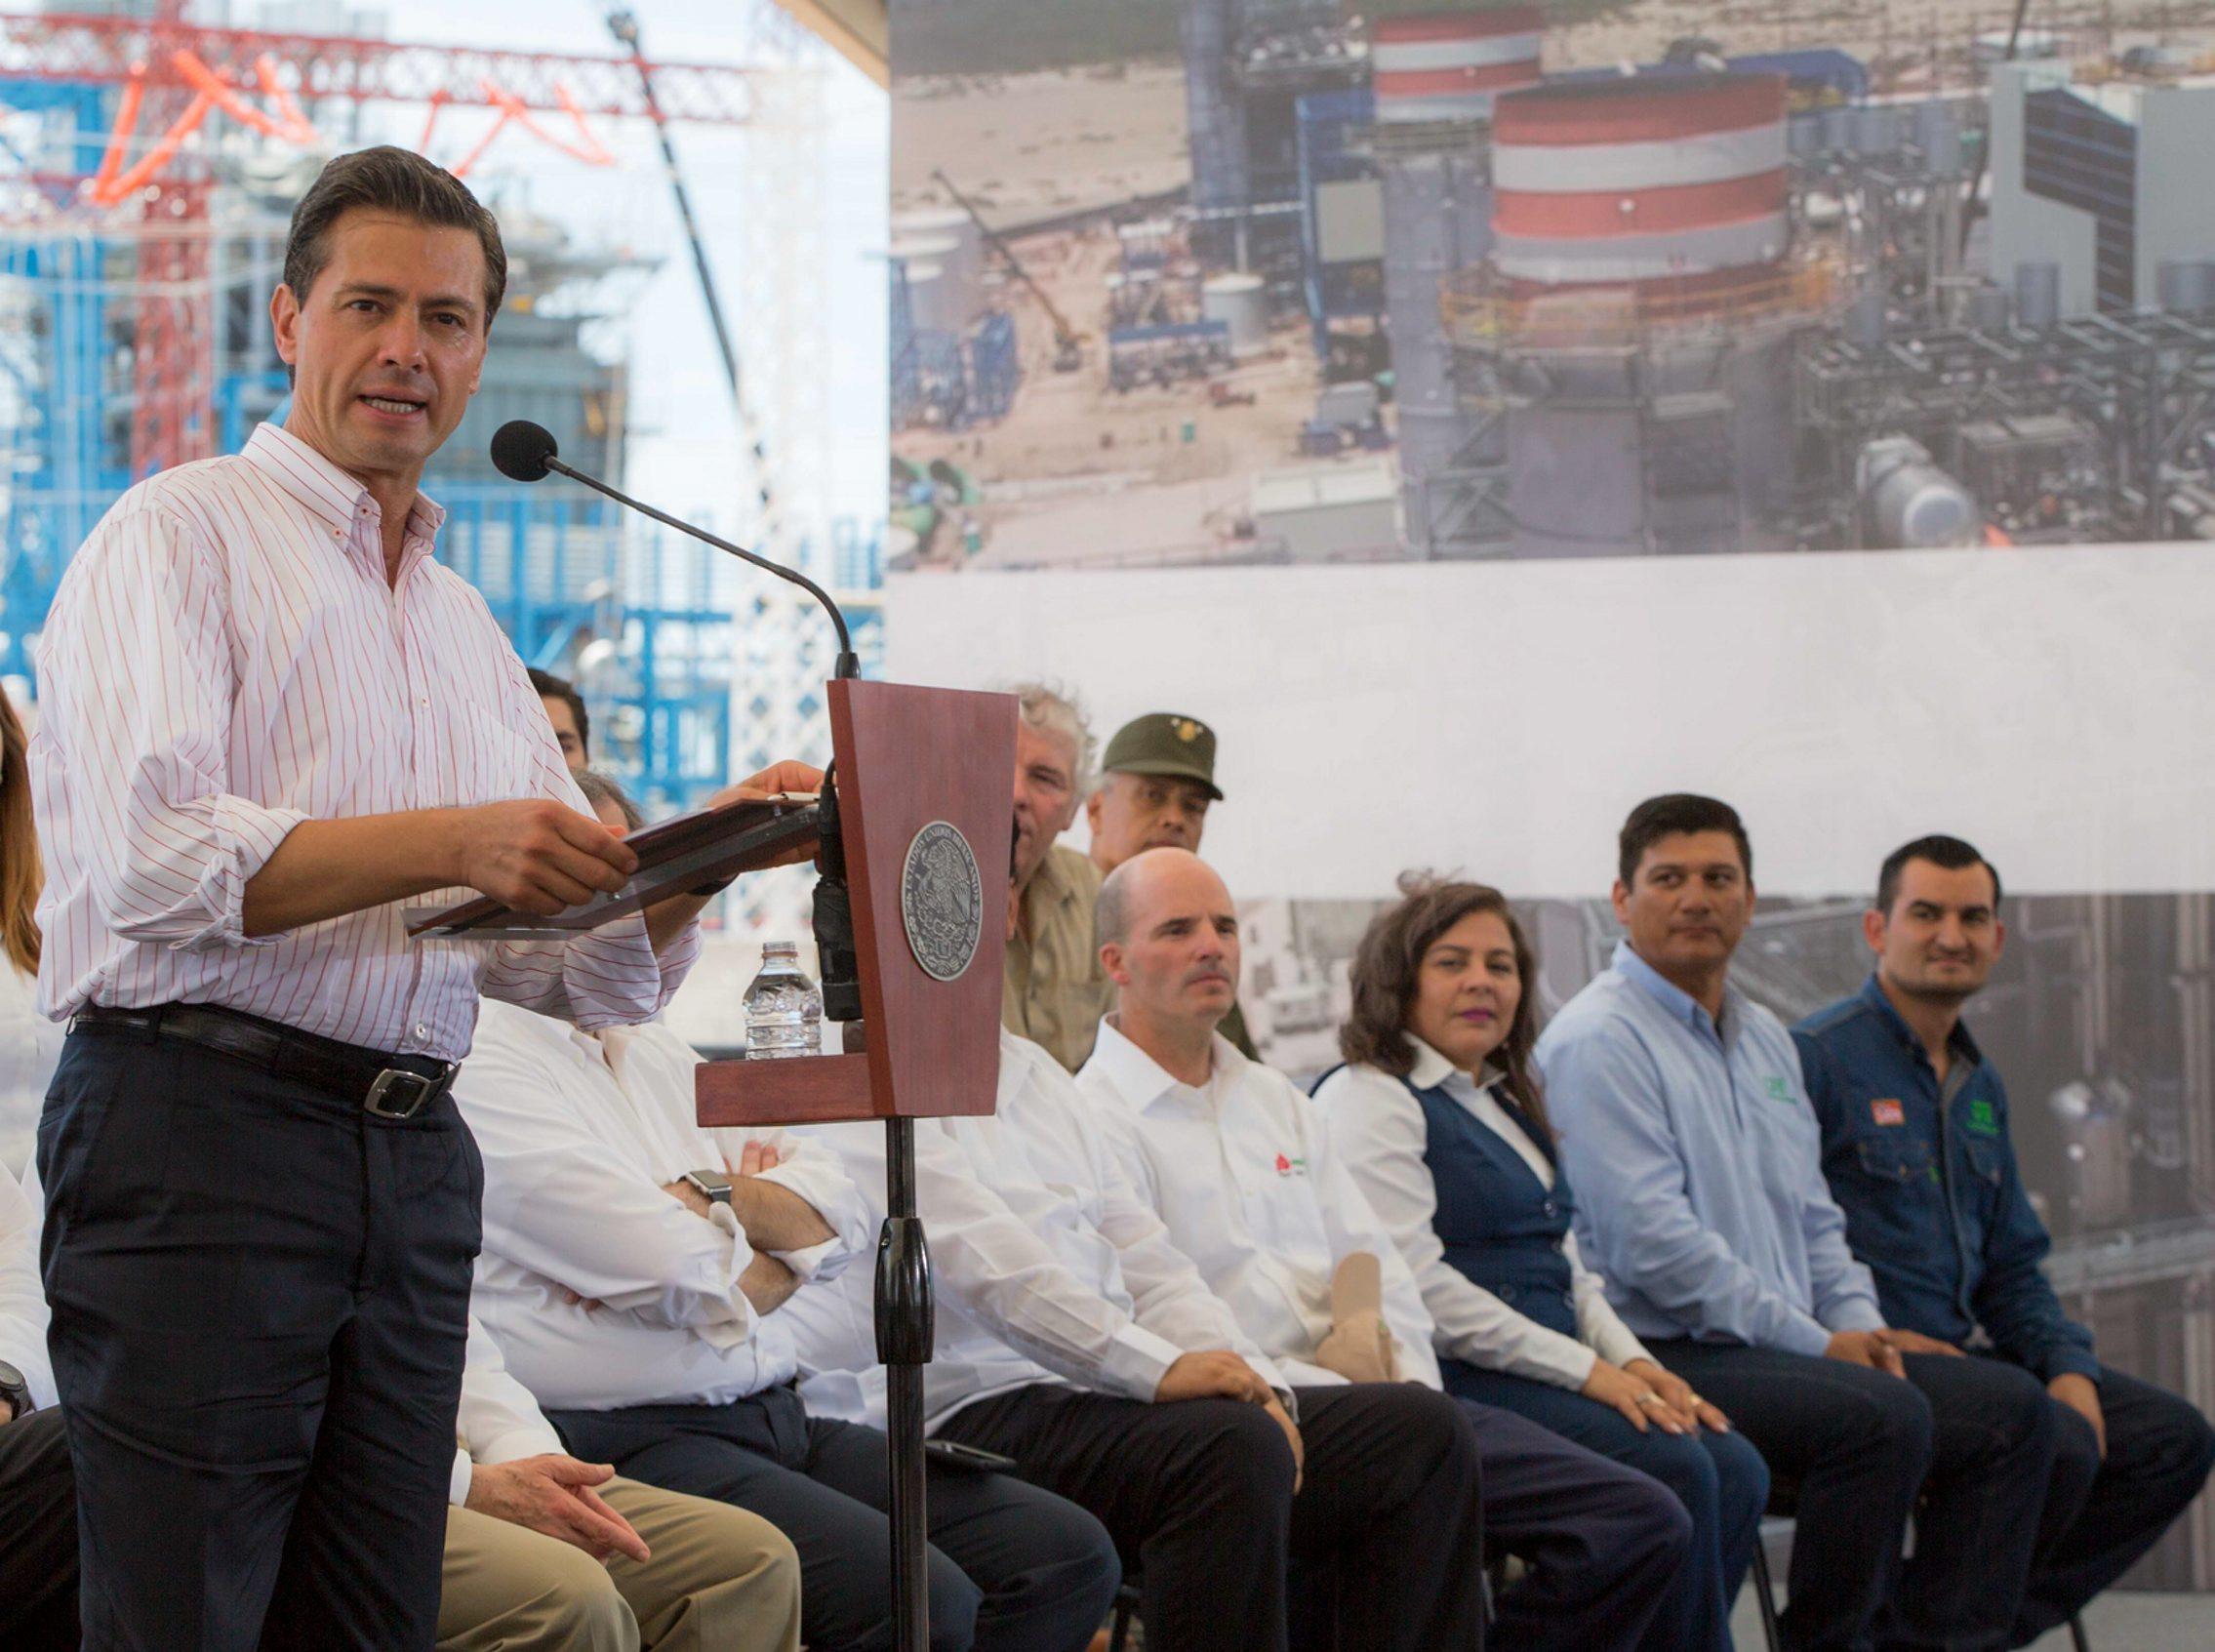 70816164. Empalme, Sonora, 16 Ago 2017 (Notimex- Presidencia).- El presidente Enrique Peña Nieto encabezó la conmemoración del 80 Aniversario de la Comisión Federal de Electricidad, en el que informó que esta empresa hoy en día brinda servicio al 98.6 por ciento de los mexicanos. NOTIMEX/FOTO/PRESIDENCIA/COR/POL/